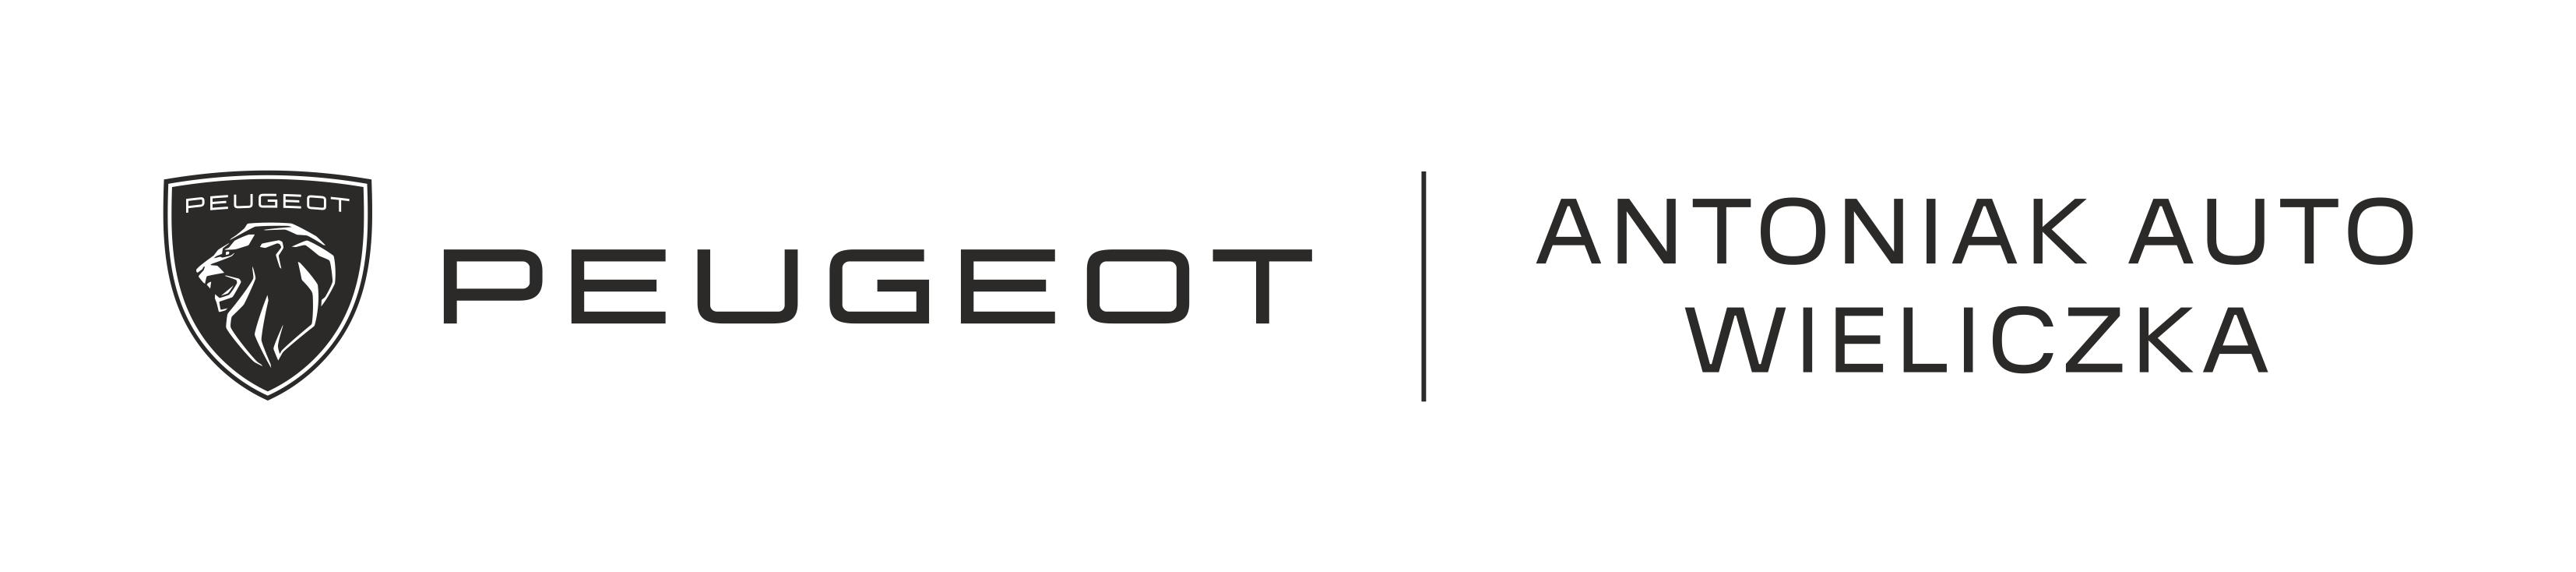 logo Peugeot + Antoniak_bez podpisu (2)